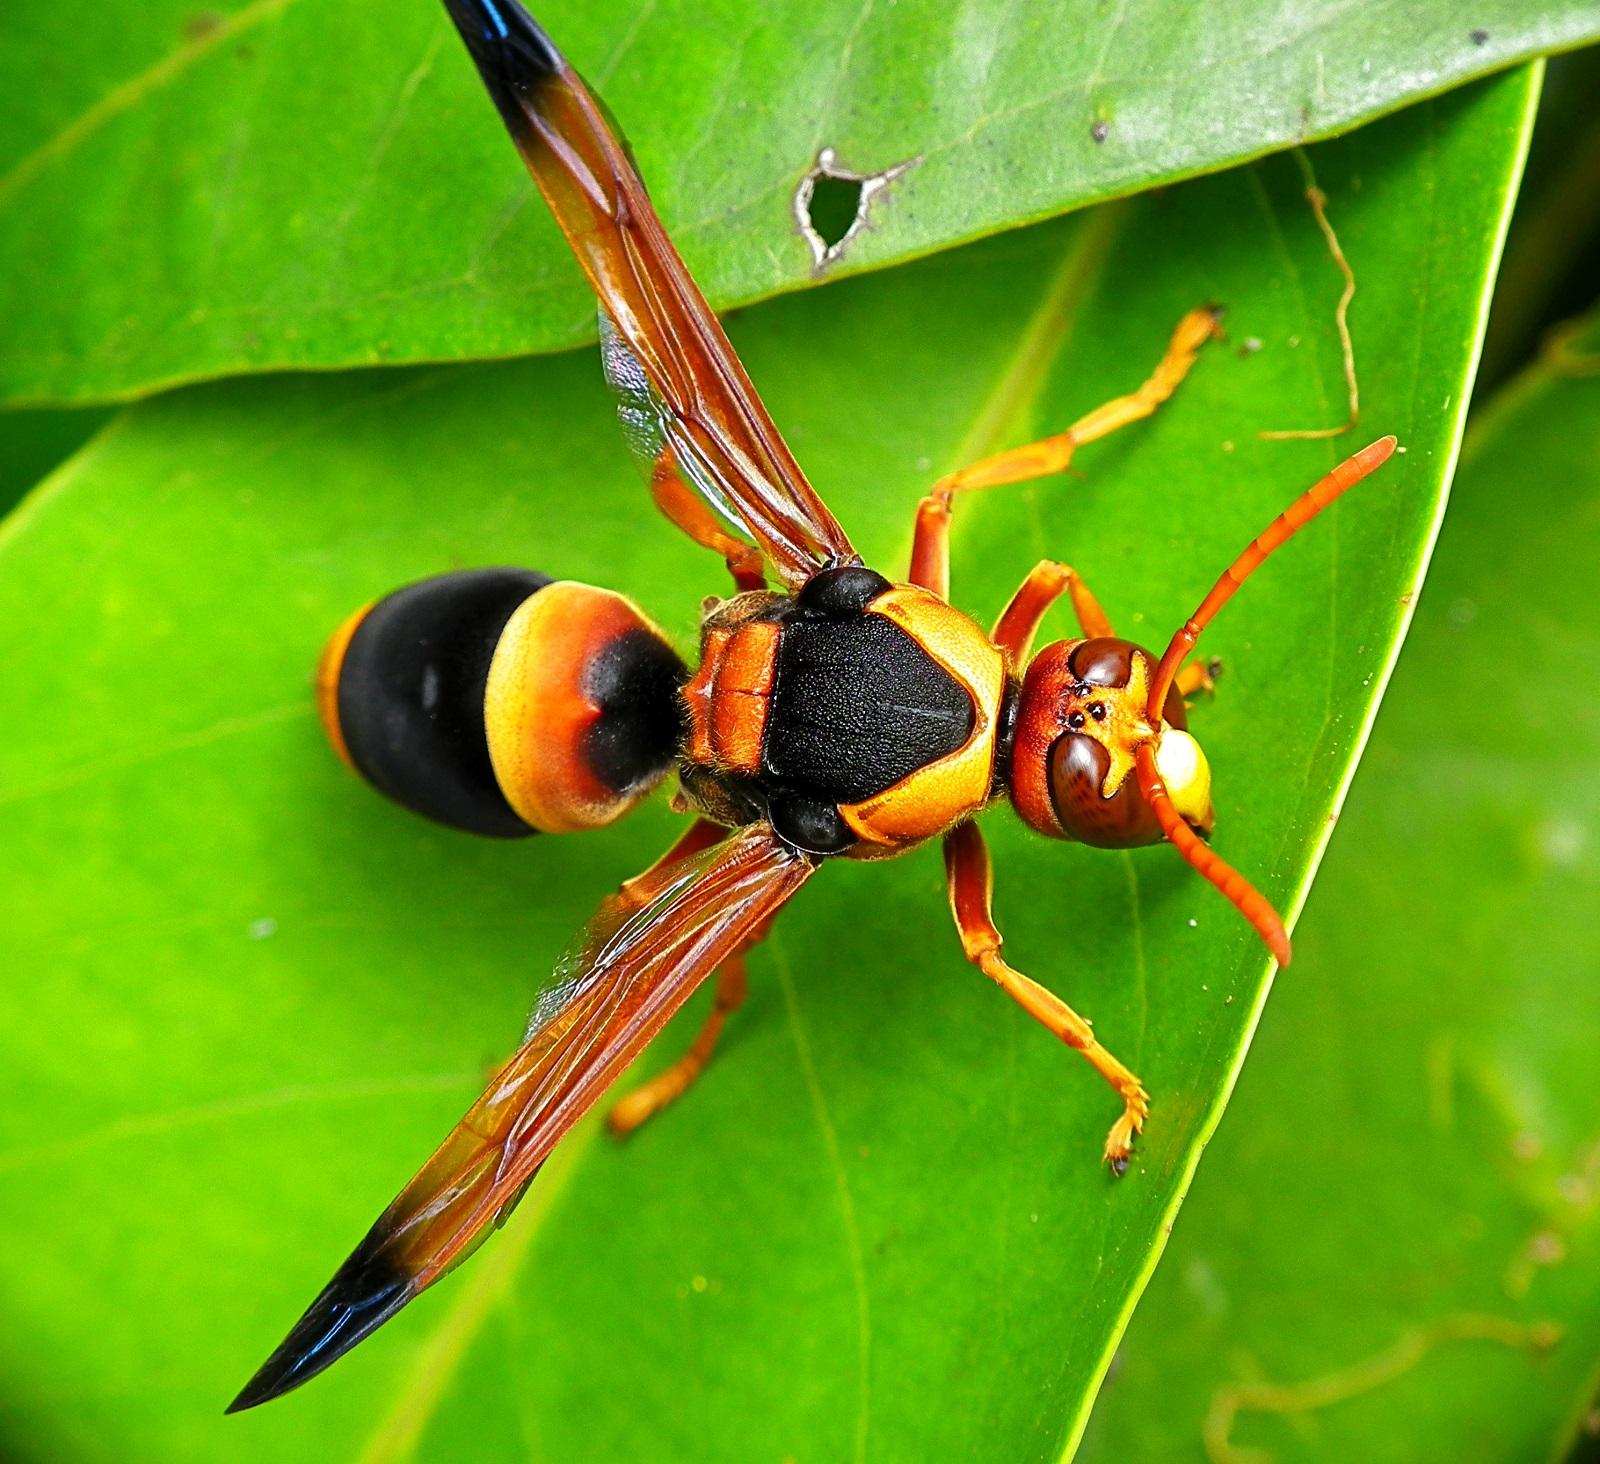 giant hornet sting